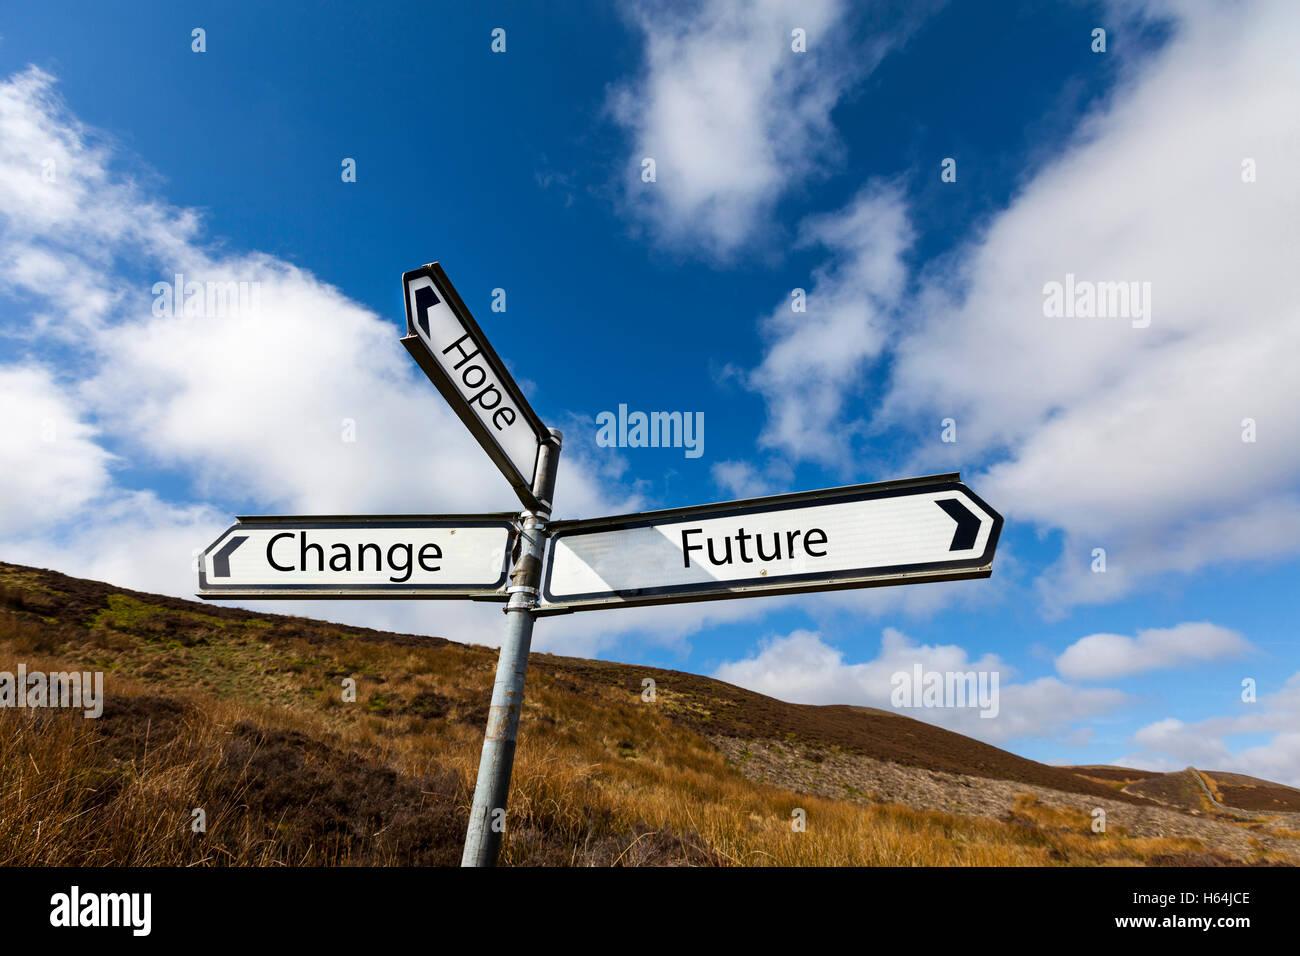 Cambiamento futuro di speranza di future concept segno di speranza che vogliono cambiare le prospettive future outlook Immagini Stock